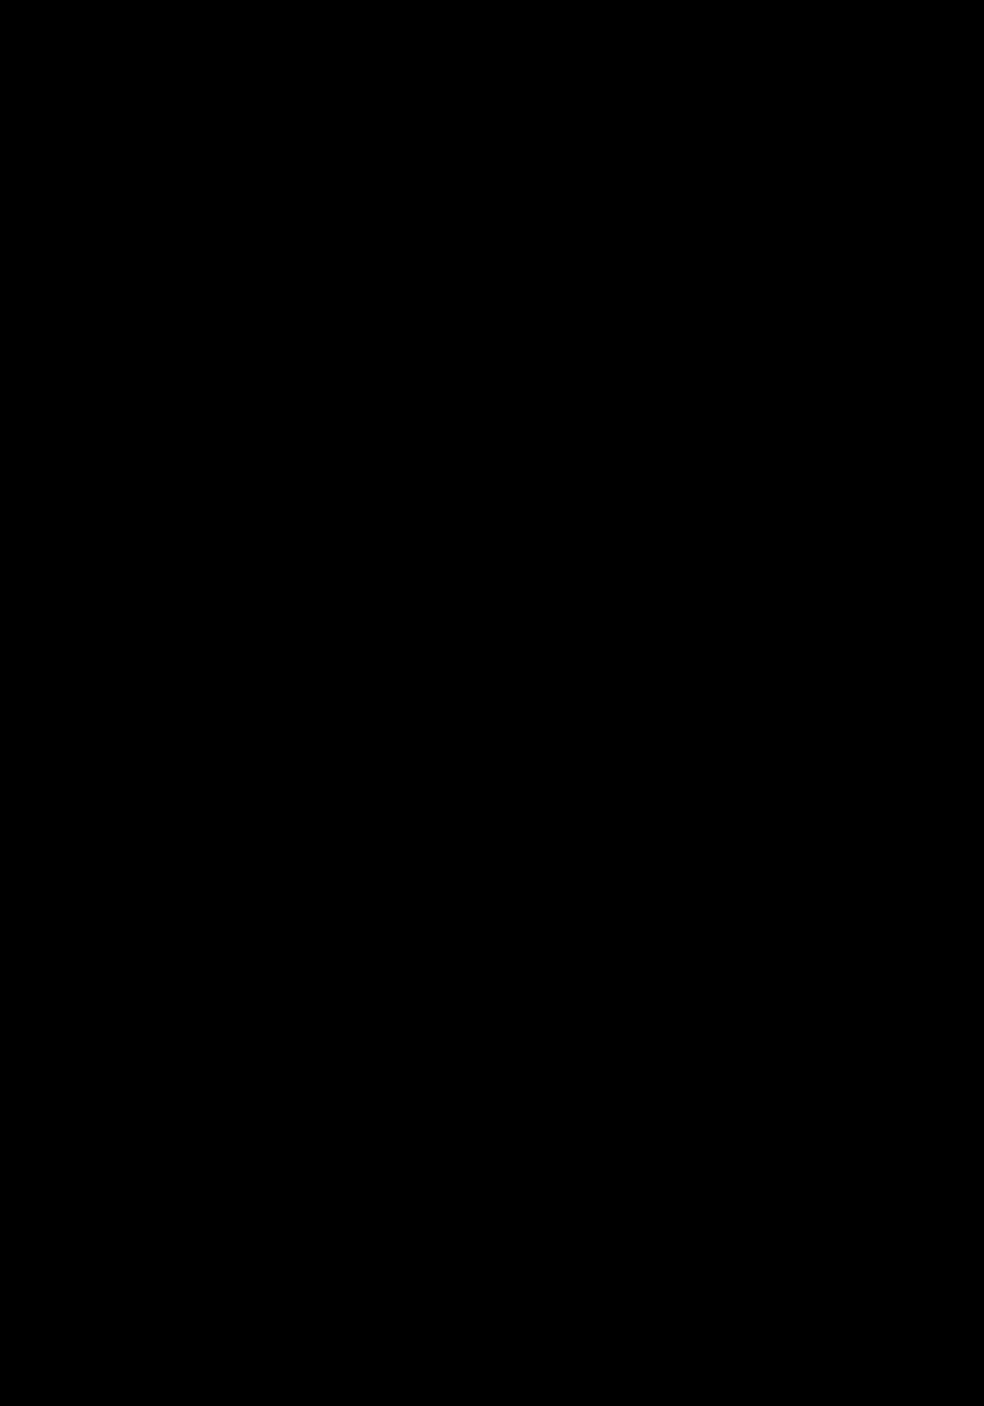 岩田細明朝 ILM-A 横組見本